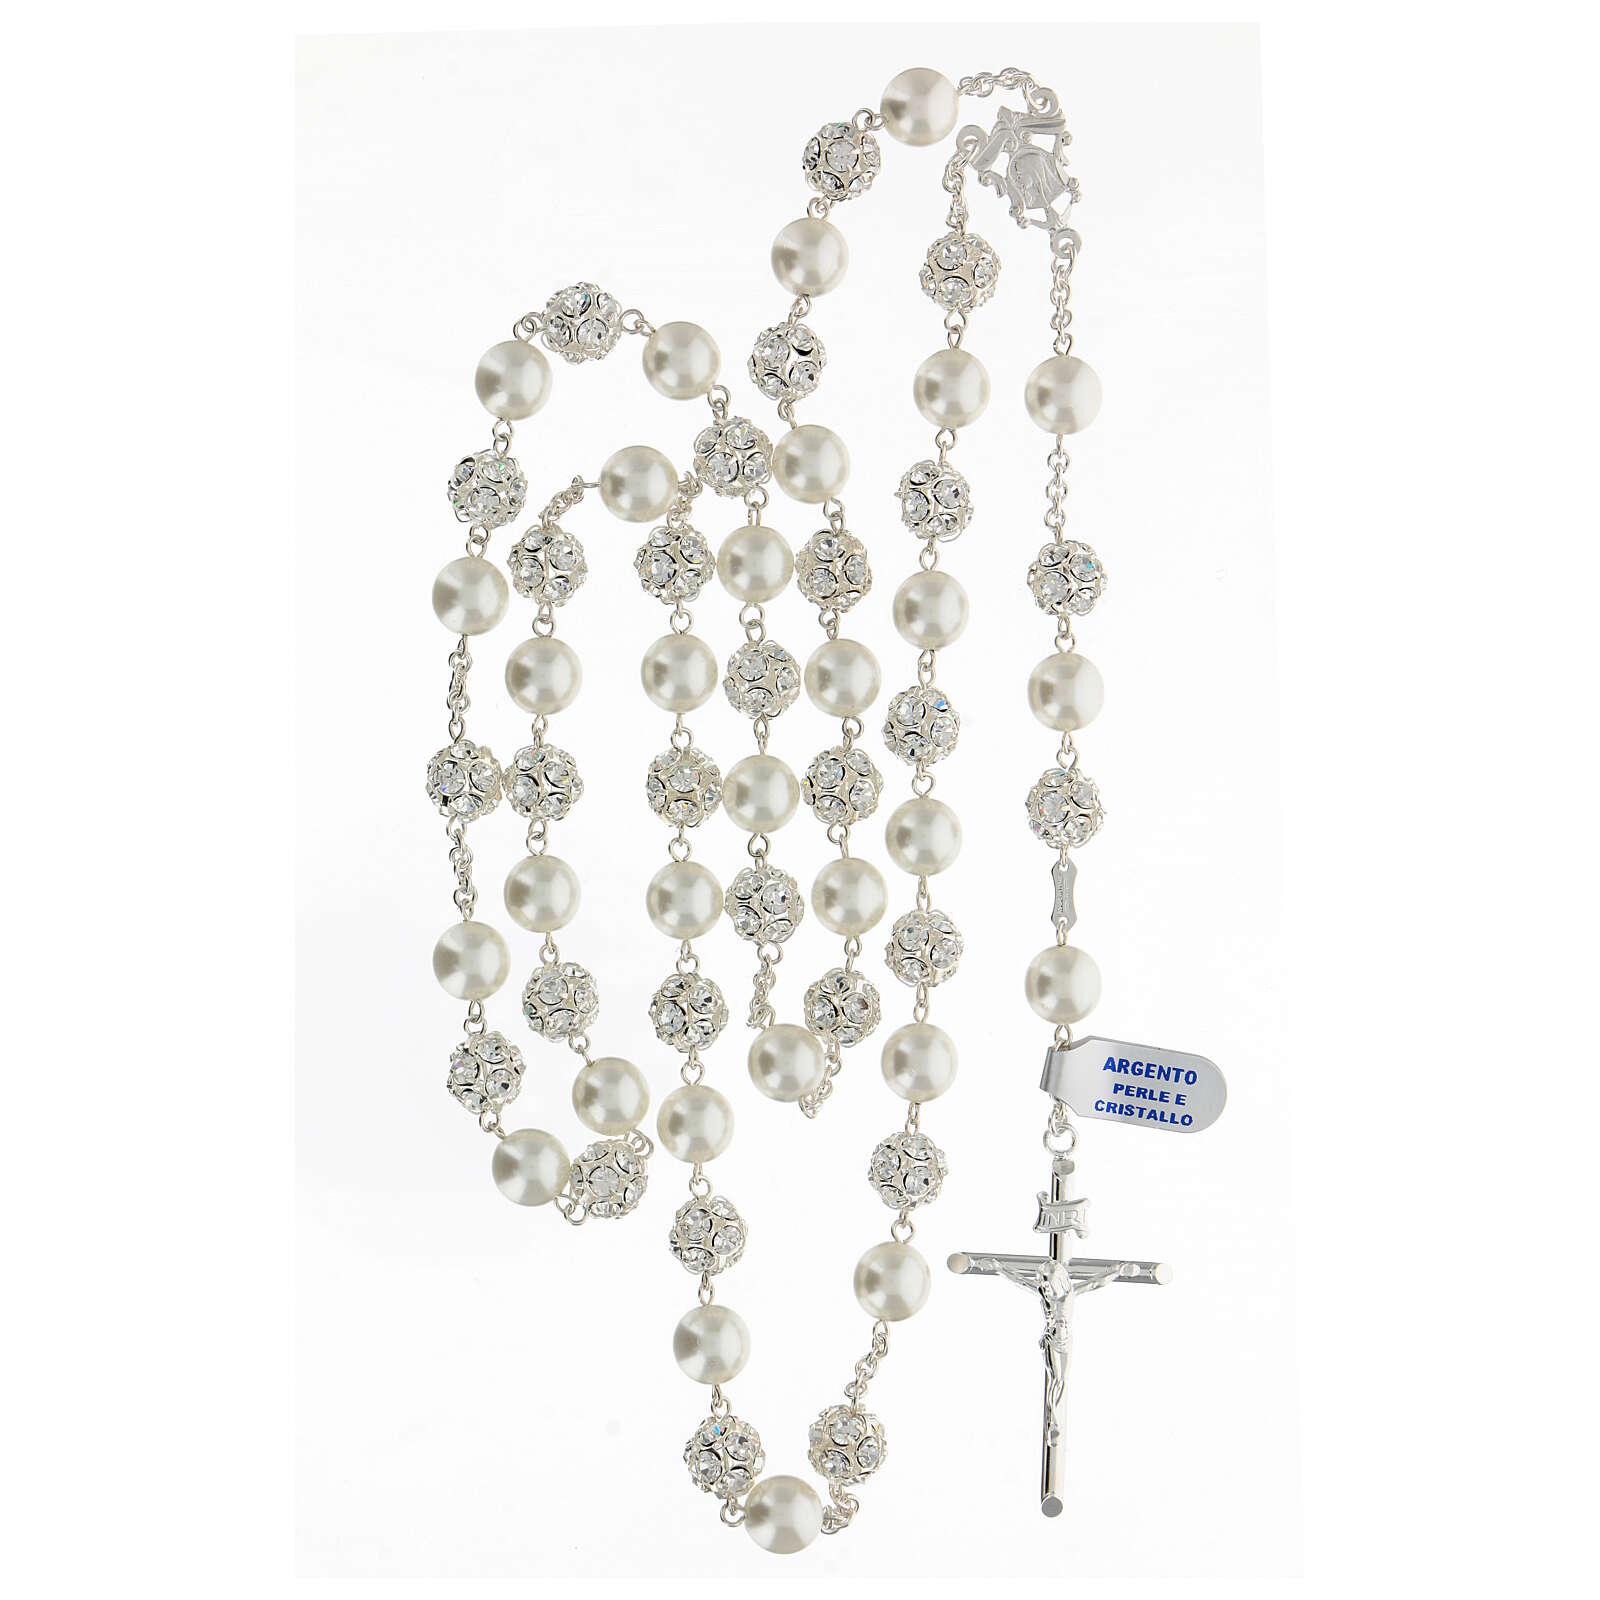 Rosario argento 925 grani 10 mm perle cristalli bianchi crocefisso 4